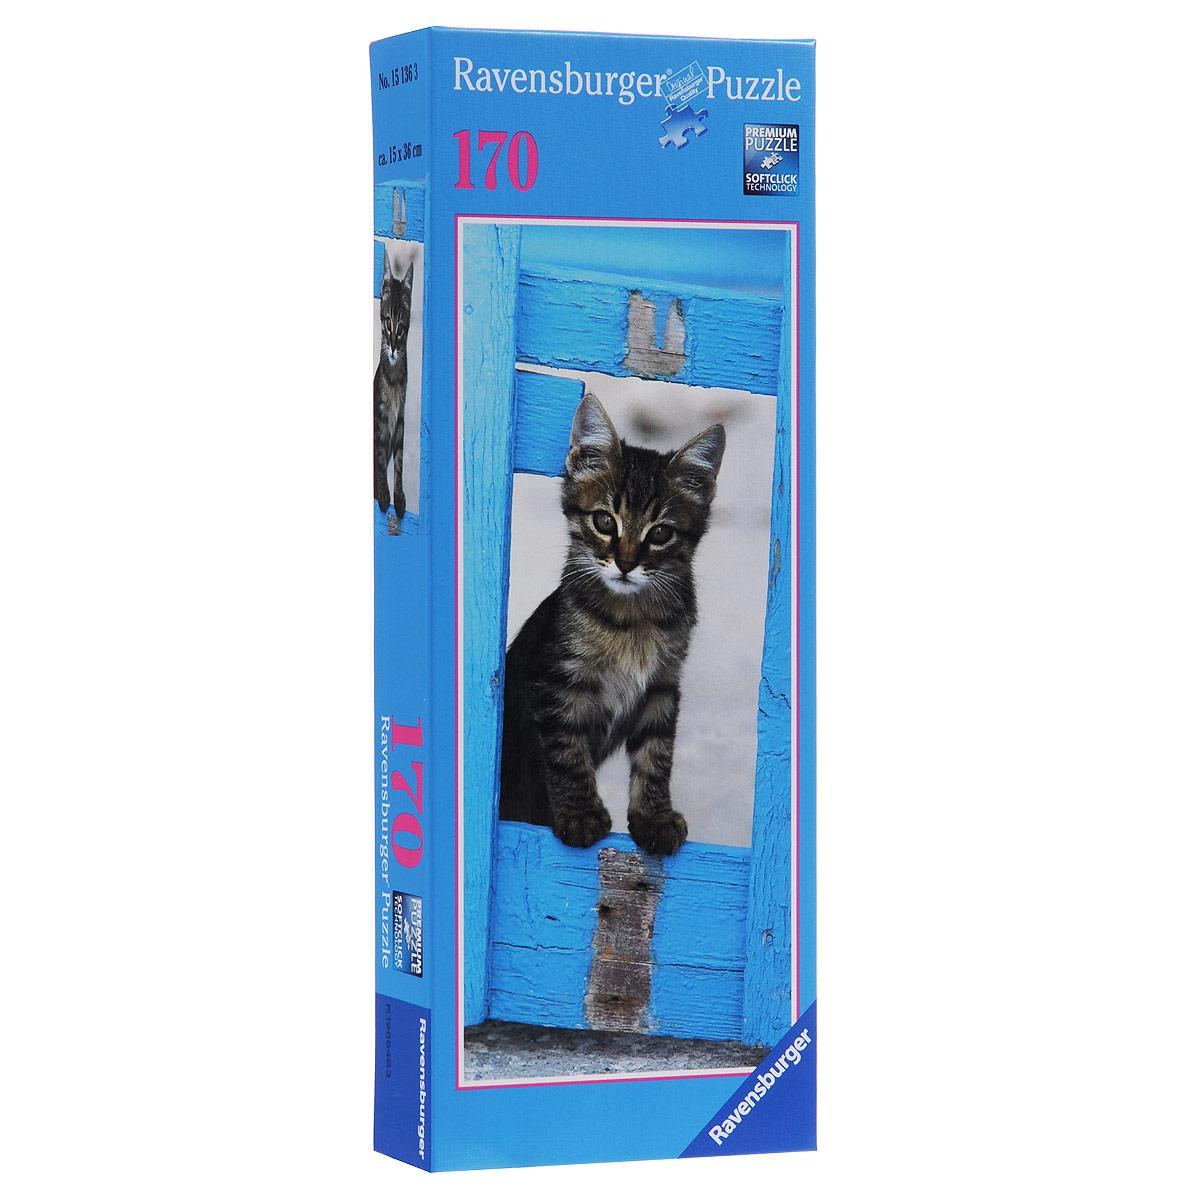 Ravensburger Любопытный котенок. Пазл, 170 элементов